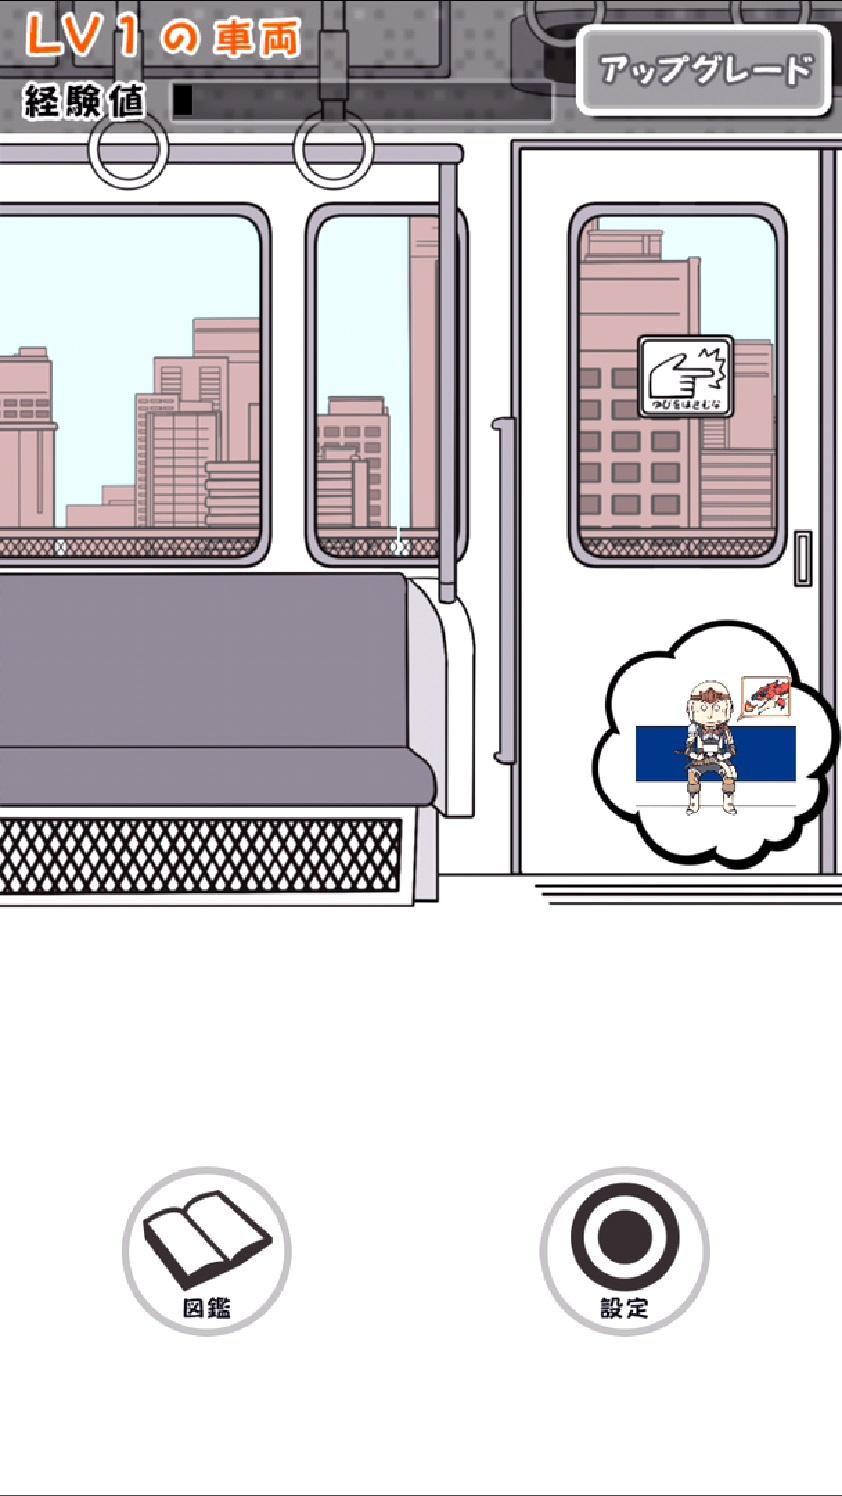 電車あるある androidアプリスクリーンショット1